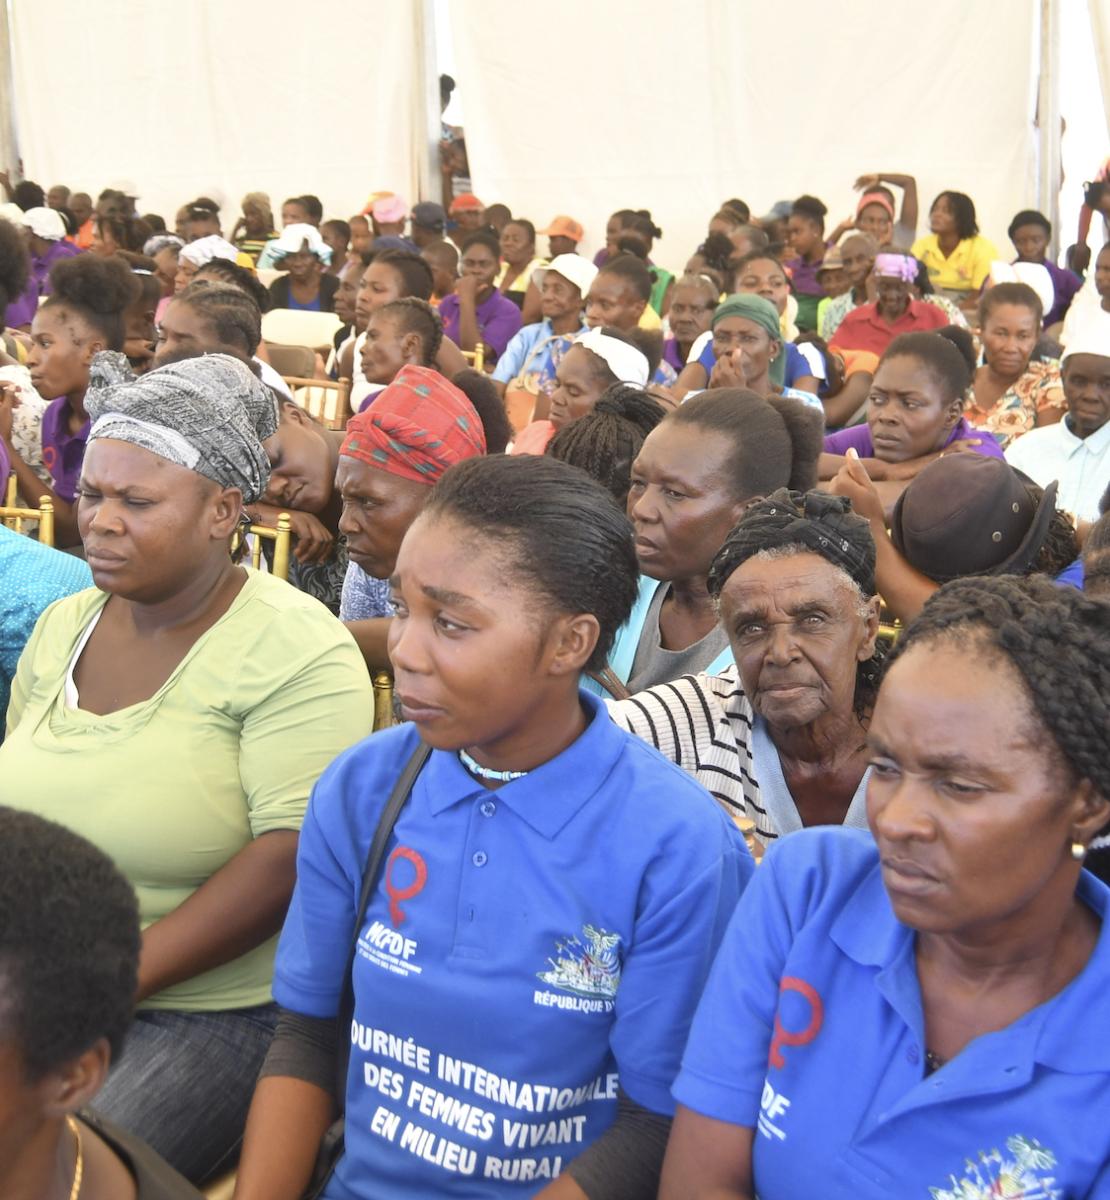 Un numeroso grupo de mujeres se sientan juntas en una gran tienda de campaña.